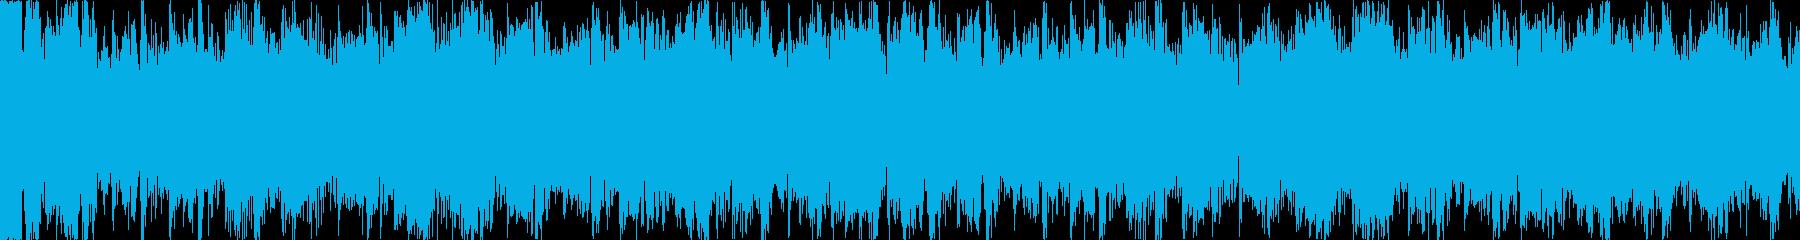 【ループC】パワフルで高揚感ピアノEDMの再生済みの波形